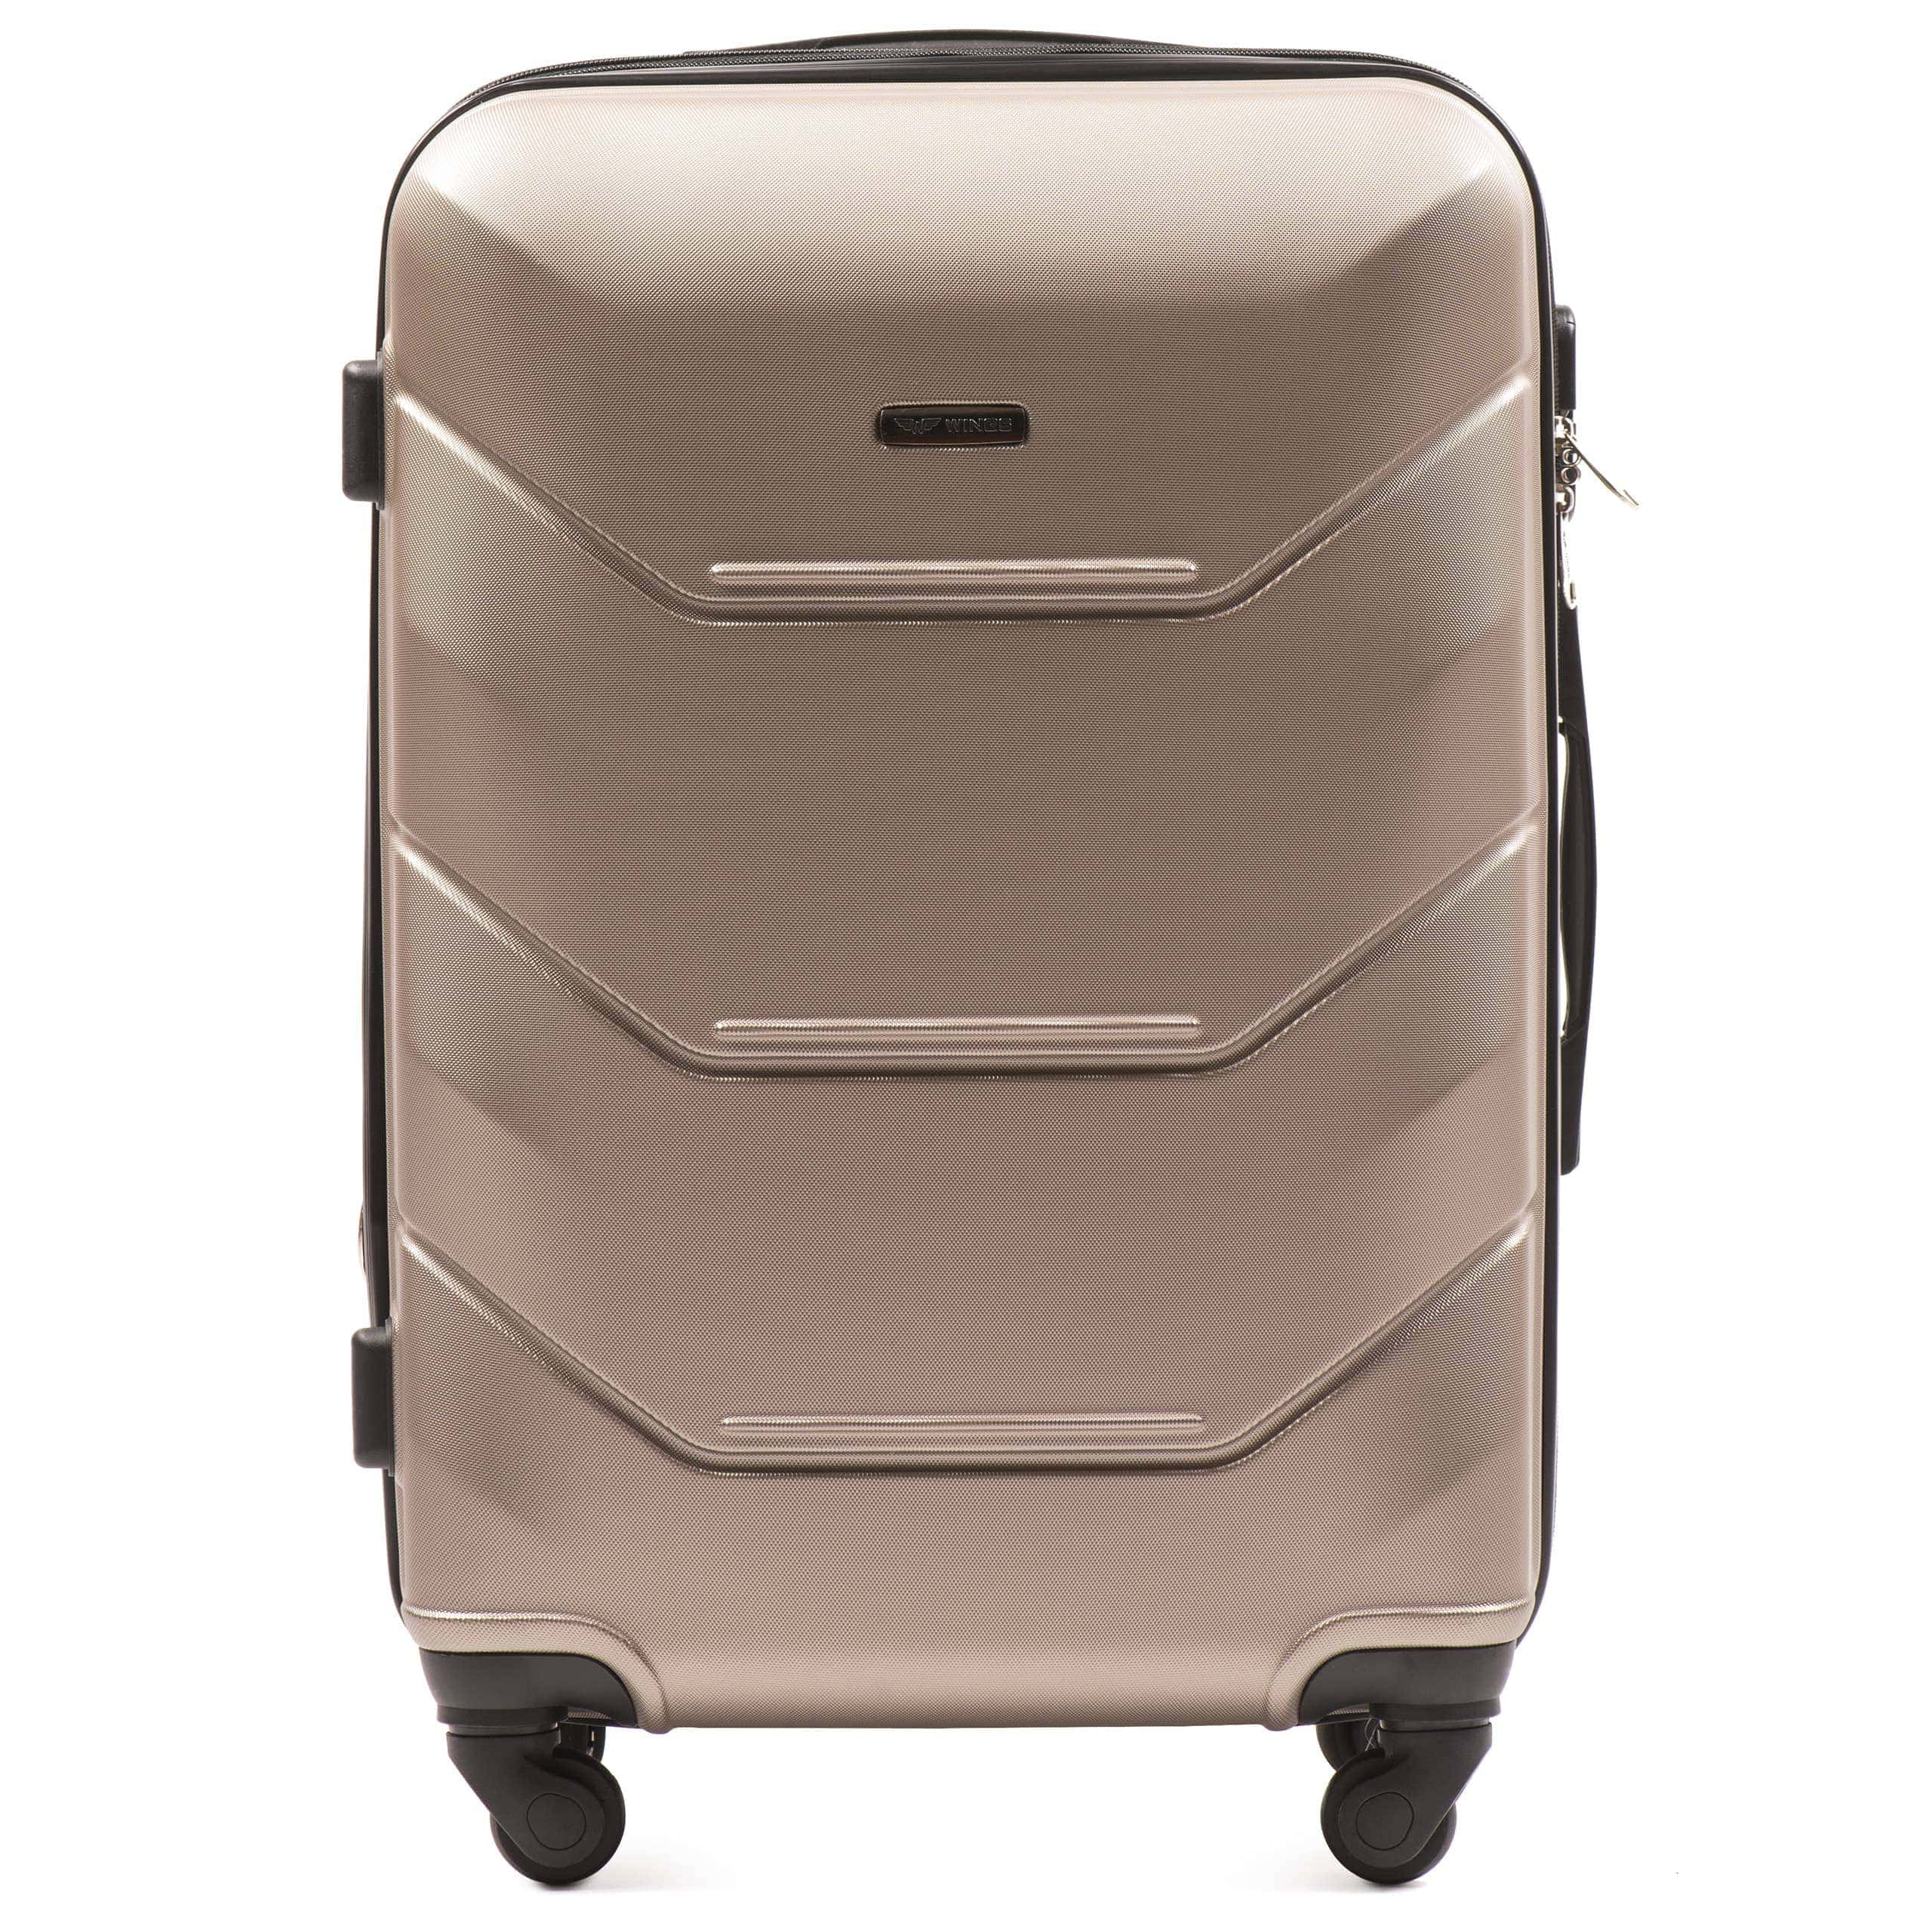 СРЕДНИЙ ЧЕМОДАН WINGS 147 M Champany PREMIUM НА 4-Х КАУЧУКОВЫХ КОЛЕСАХ! Для багажа ,до 18 кг